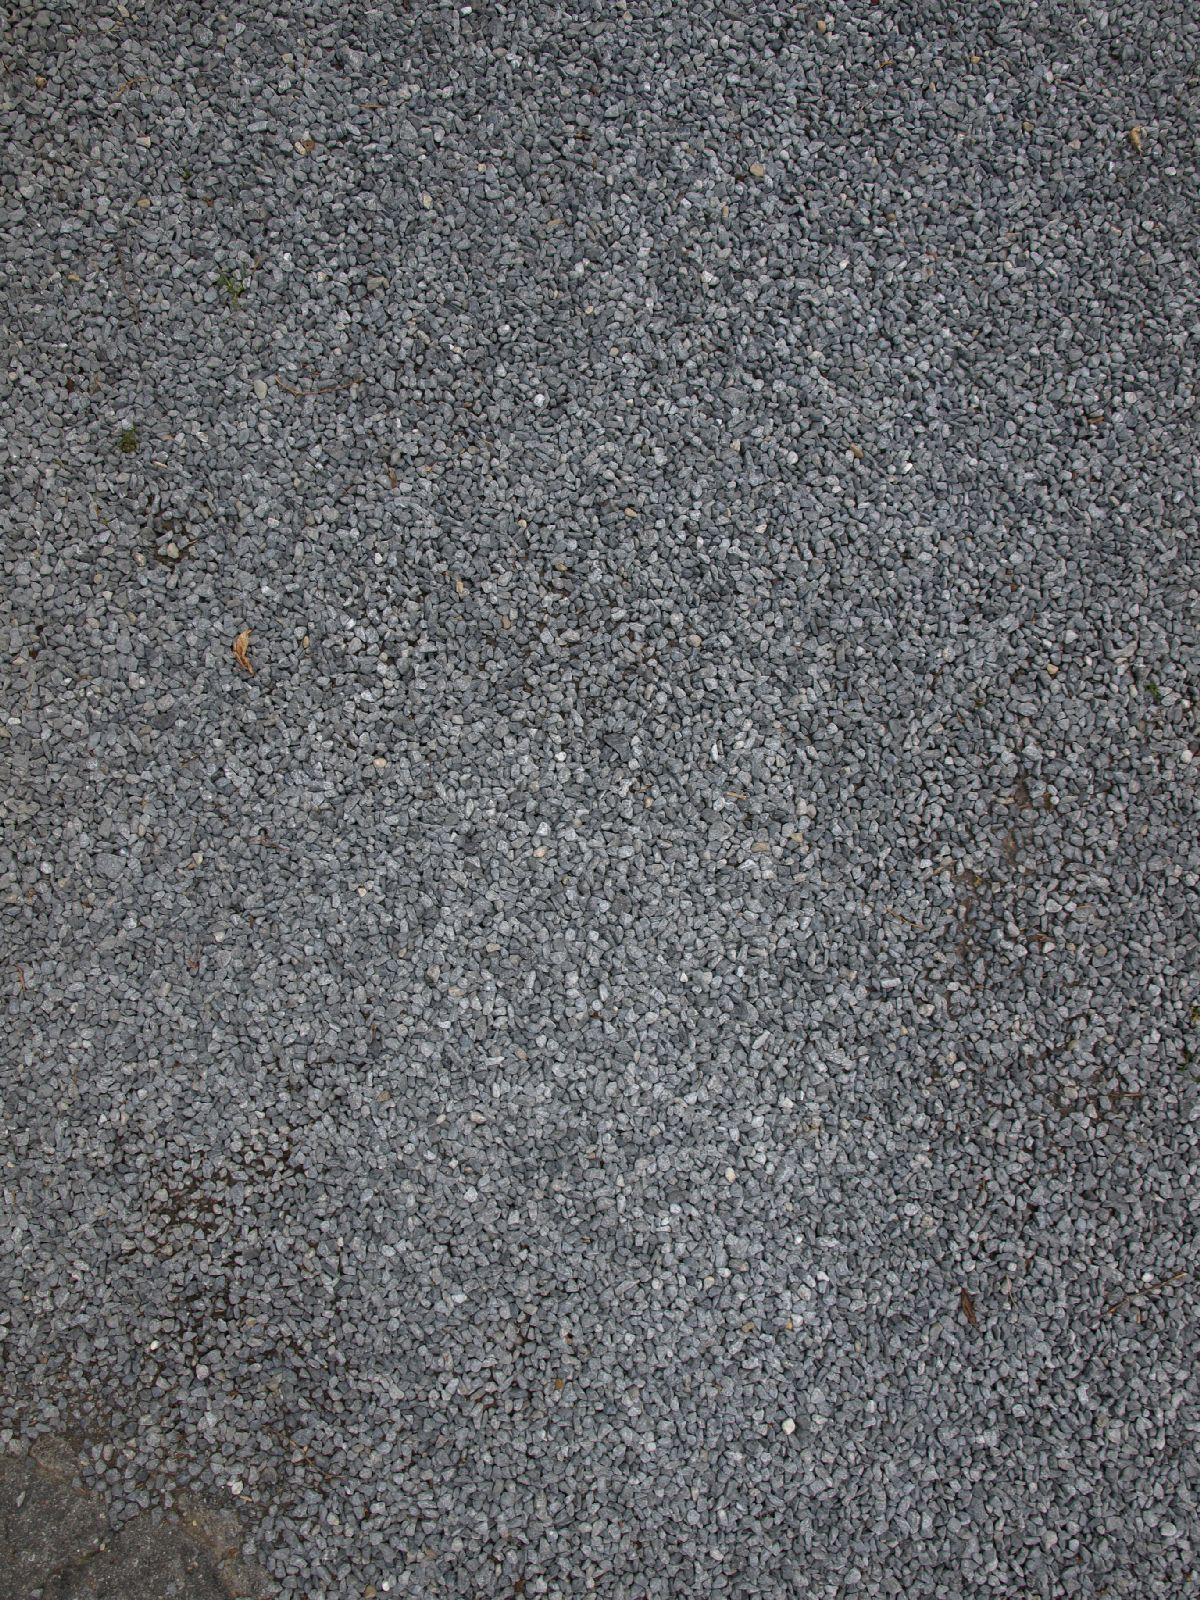 Boden-Erde-Steine_Textur_A_P4261811